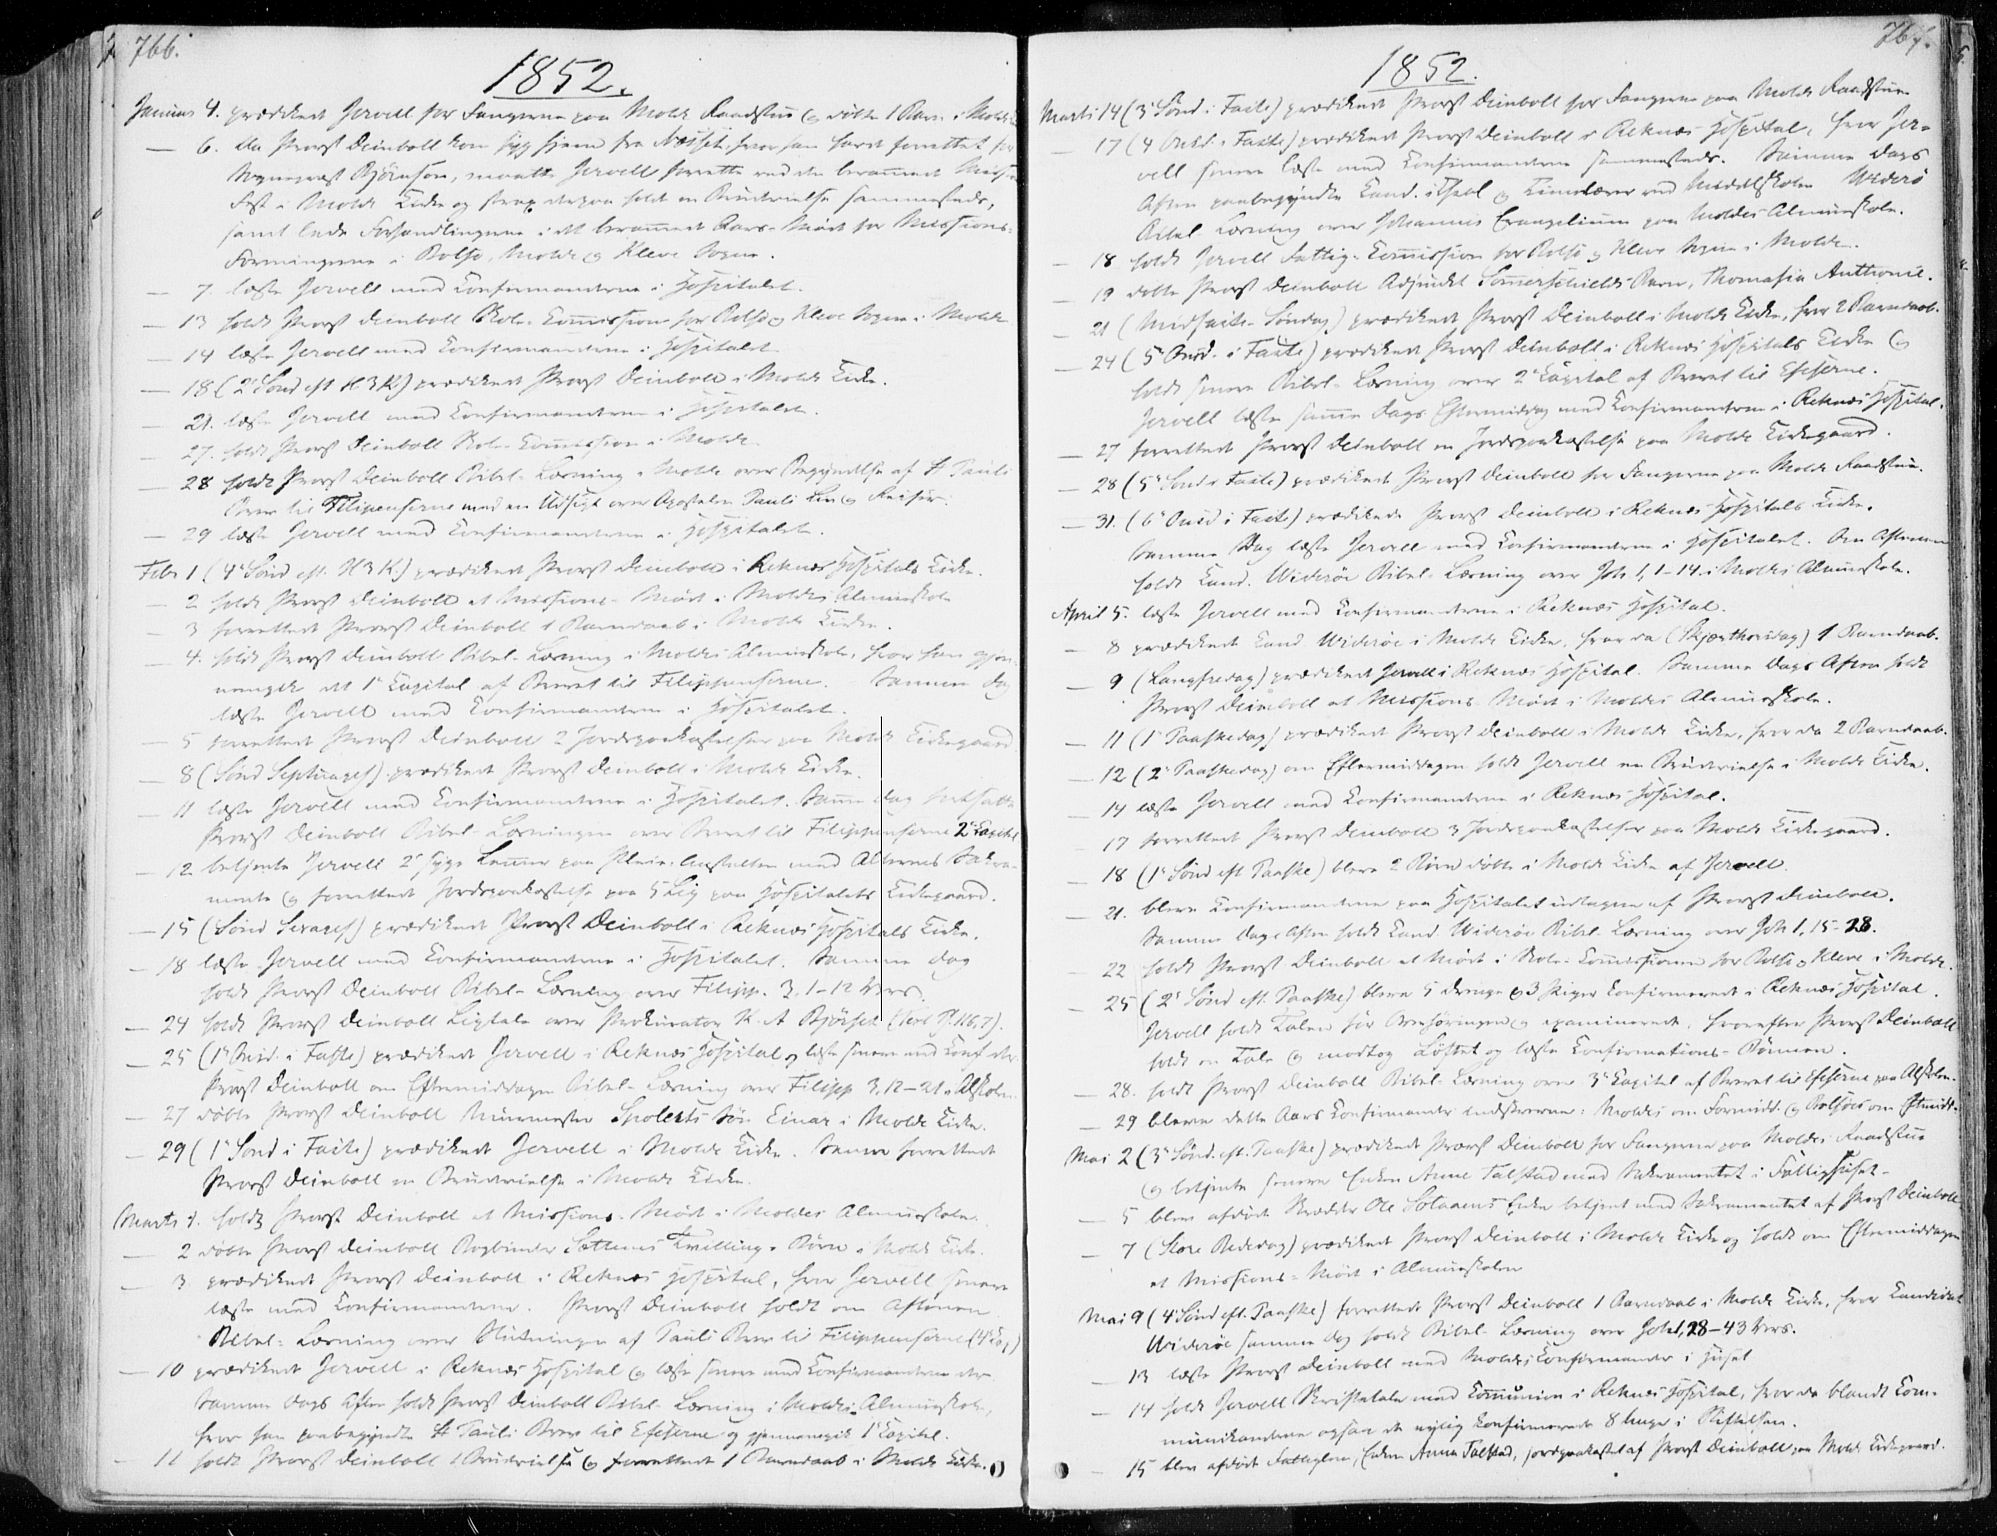 SAT, Ministerialprotokoller, klokkerbøker og fødselsregistre - Møre og Romsdal, 558/L0689: Ministerialbok nr. 558A03, 1843-1872, s. 766-767